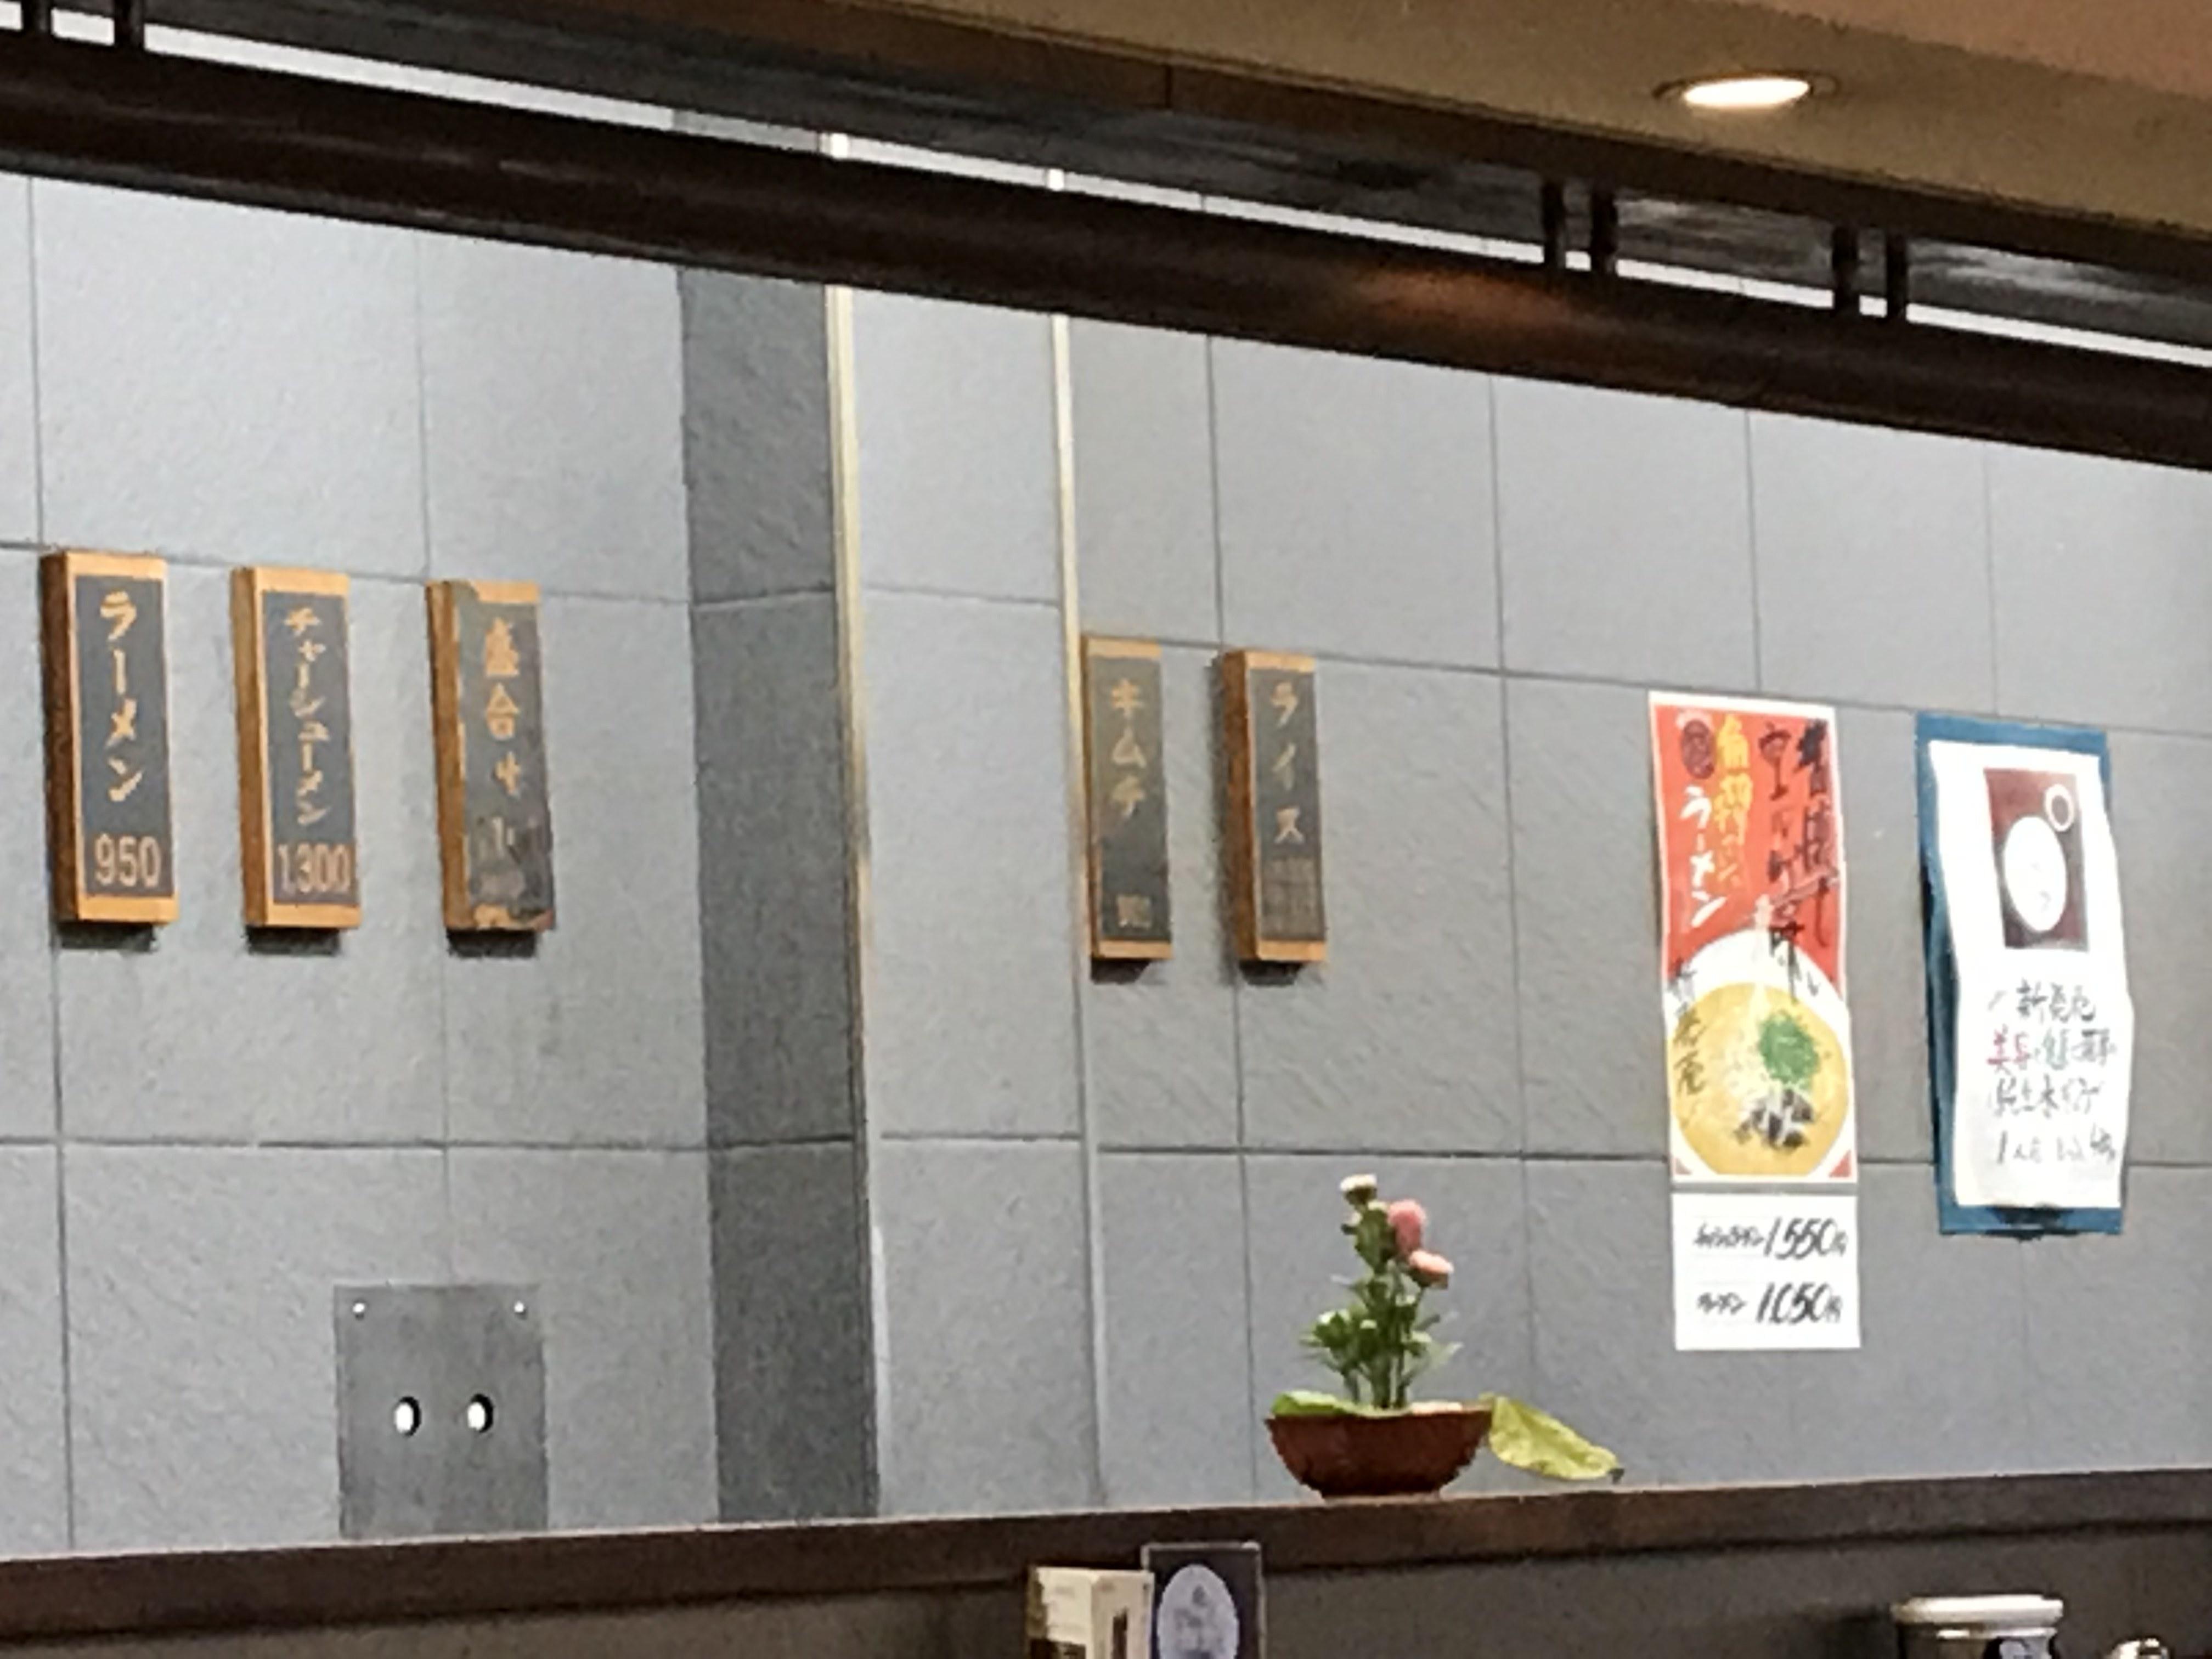 薩摩っ子ラーメン 大東店 メニュー